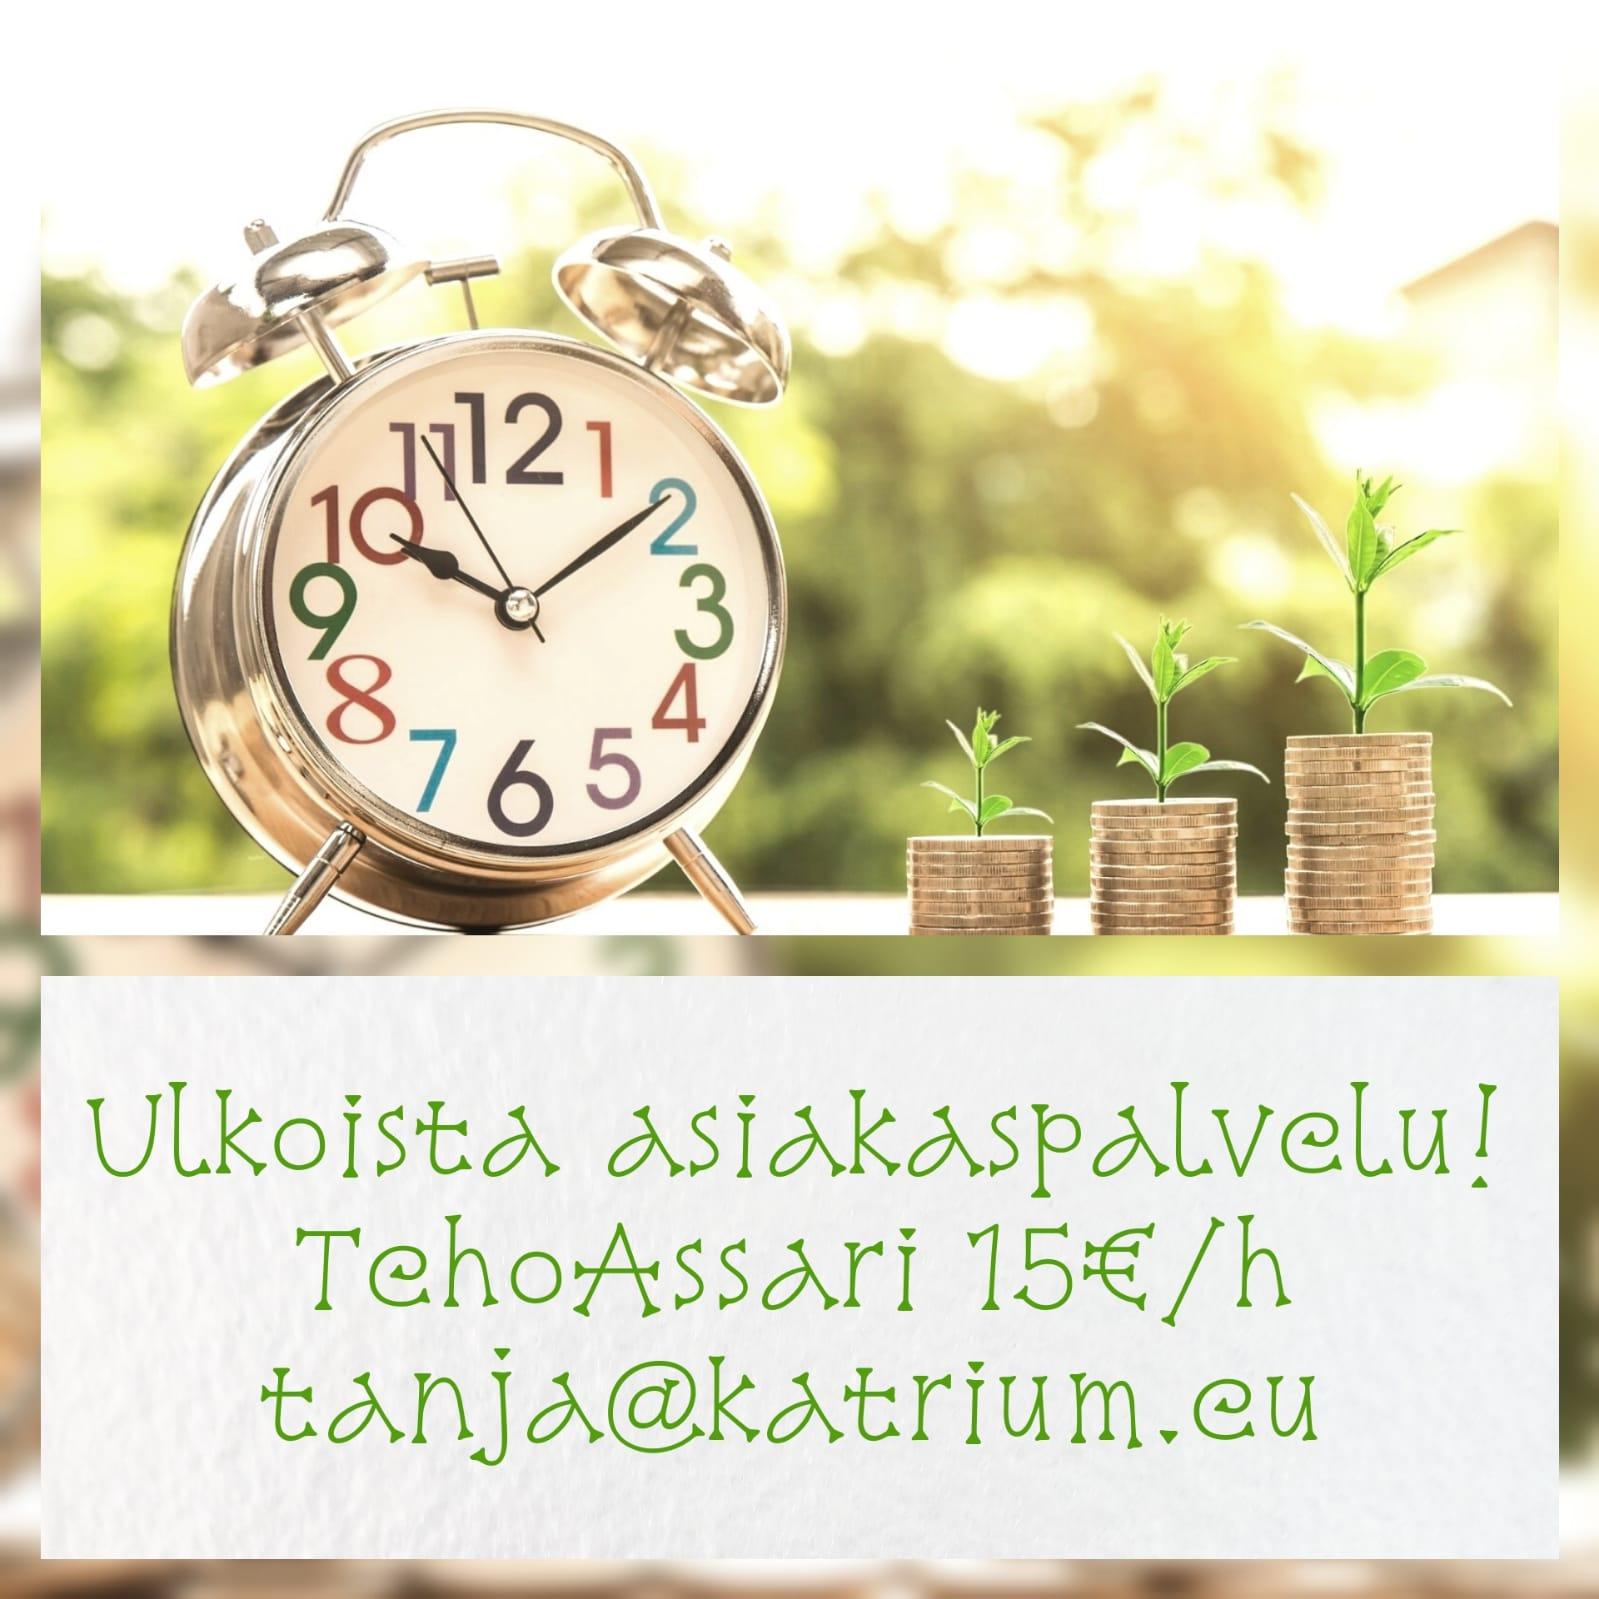 983428d2-80d7-409e-af9e-77666c2f8938